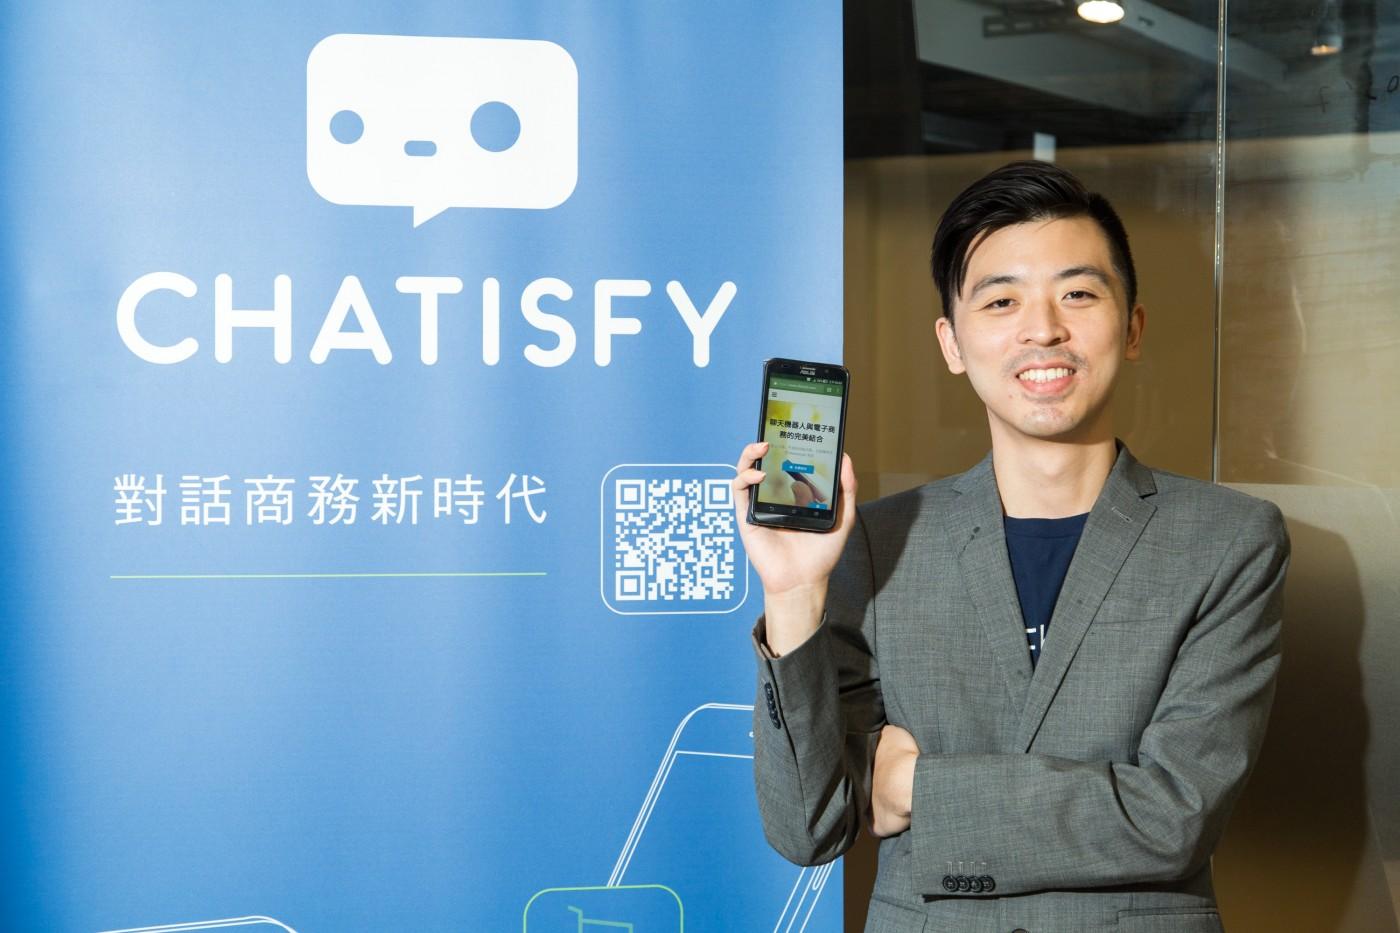 不只是客服而已,CHATISFY聊天機器人還能幫你下單